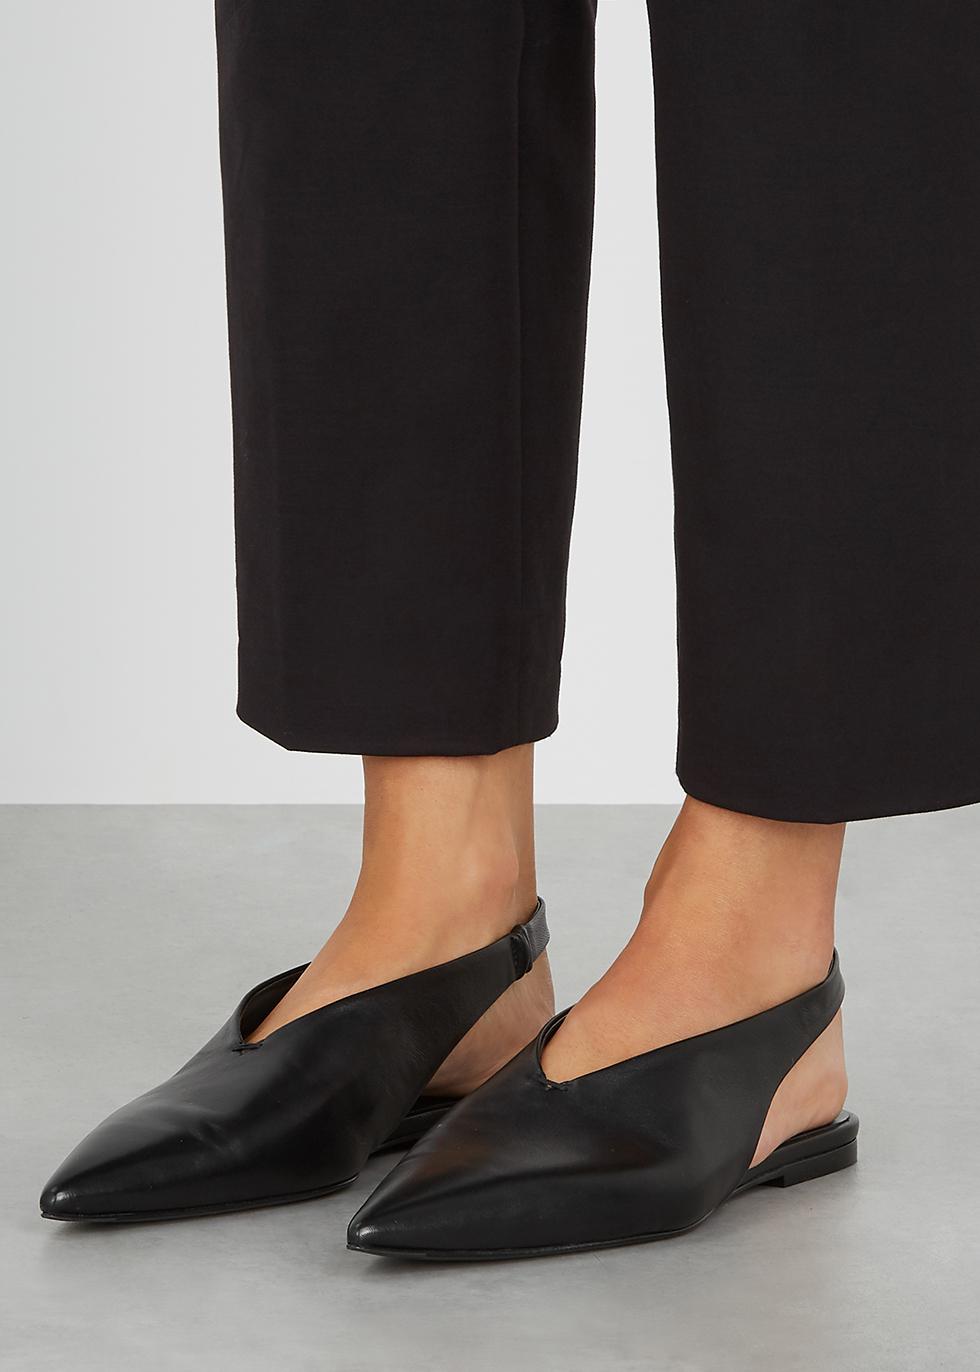 Jil Sander Black slingback leather